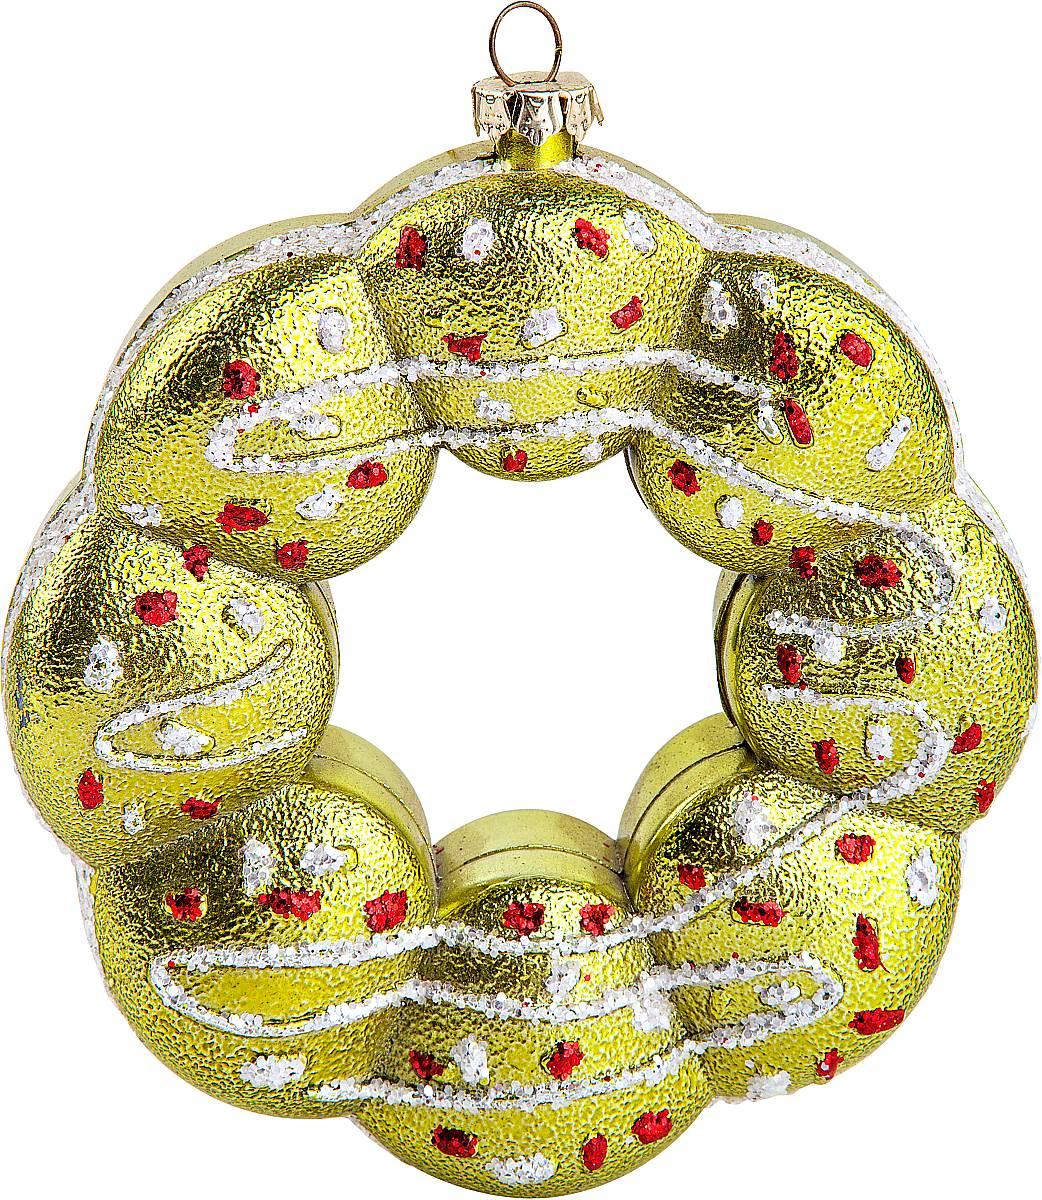 Украшение новогоднее подвесное Mister Christmas Пончик, высота 14 смANTI-6/1Новогоднее подвесное украшение Mister Christmas Пончик прекрасно подойдет для праздничного декора новогодней ели. Украшение выполнено из пластика. Для удобного размещения на елке предусмотрена петелька. Елочная игрушка - символ Нового года. Она несет в себе волшебство и красоту праздника. Создайте в своем доме атмосферу веселья и радости, украшая новогоднюю елку нарядными игрушками, которые будут из года в год накапливать теплоту воспоминаний.